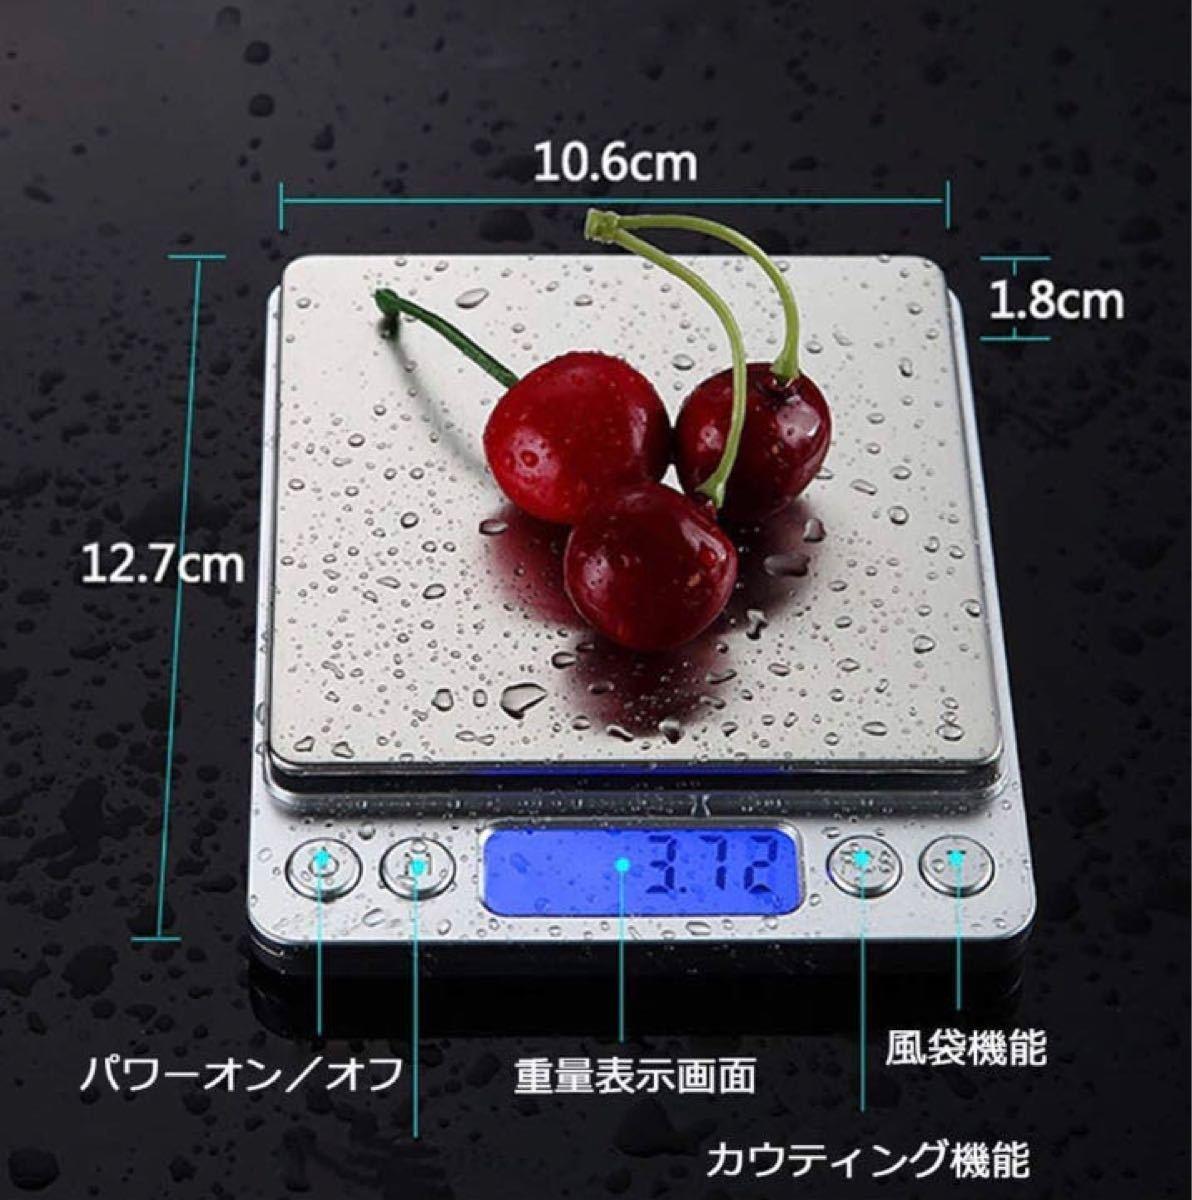 デジタルキッチンスケール 計量器 はかり 電子秤 コンパクト